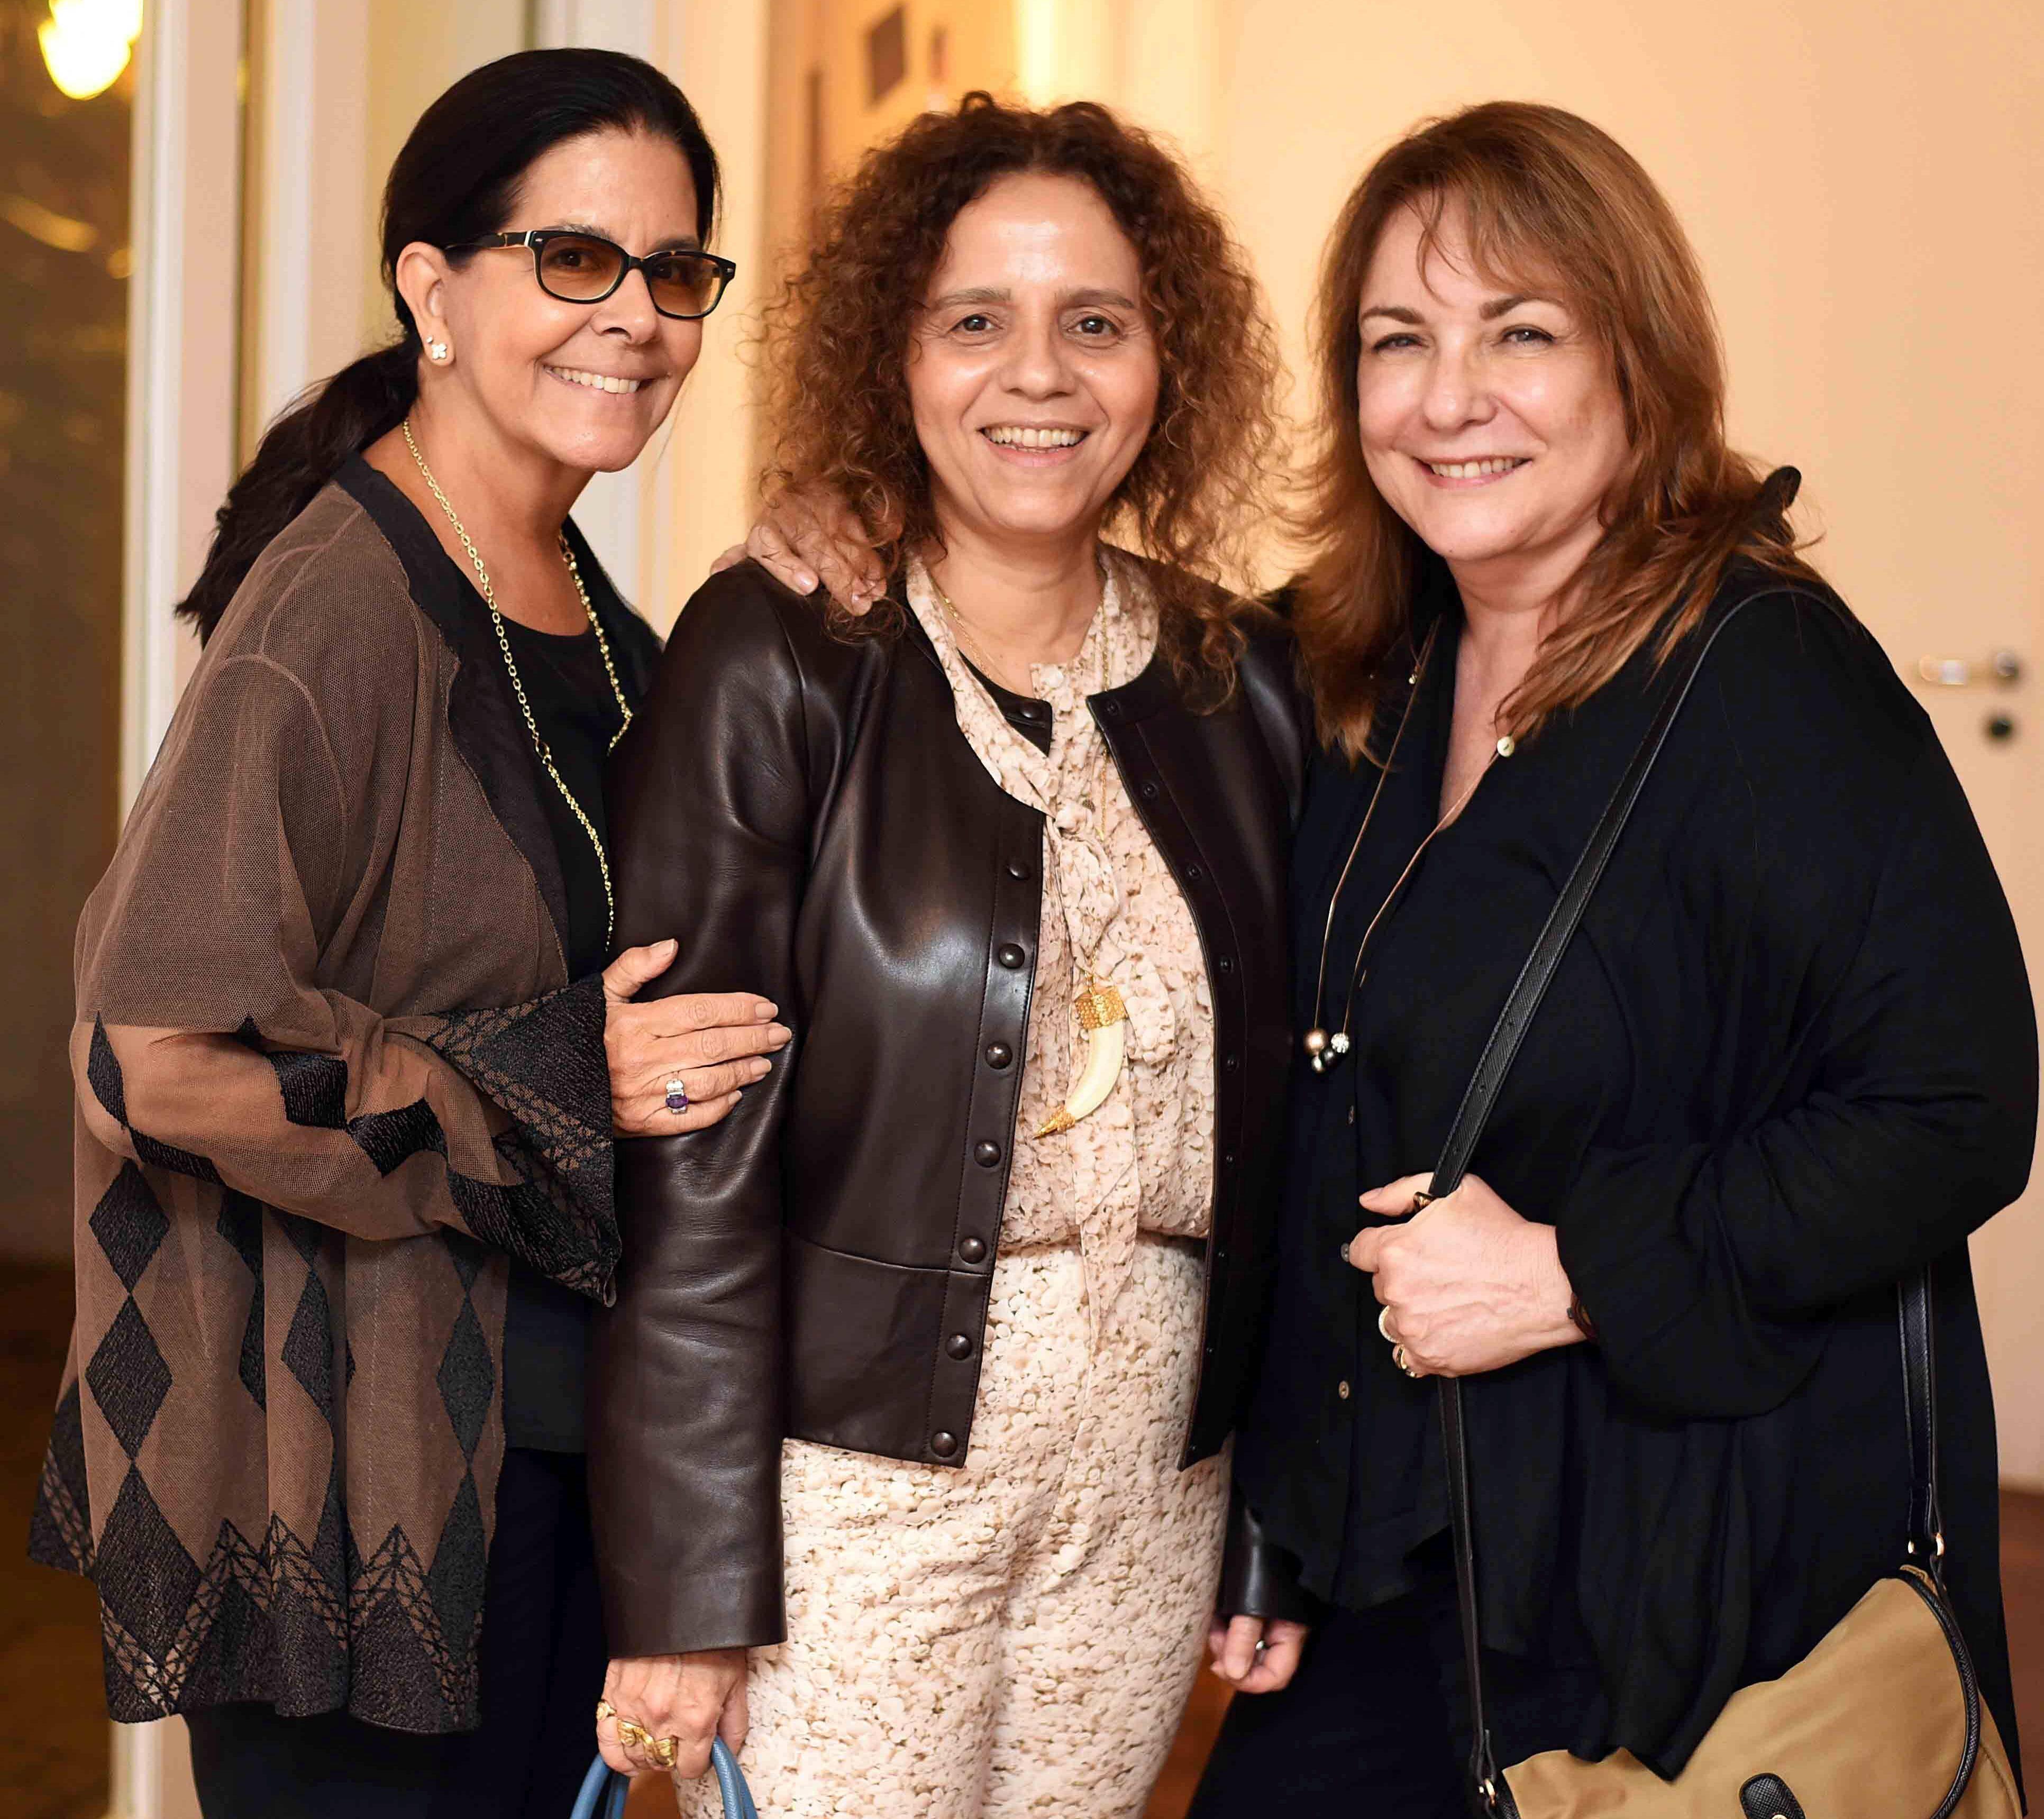 Lia Siqueira, Beatriz Milhazes e Bia Correa do Lago/ Foto: Ari Kaye